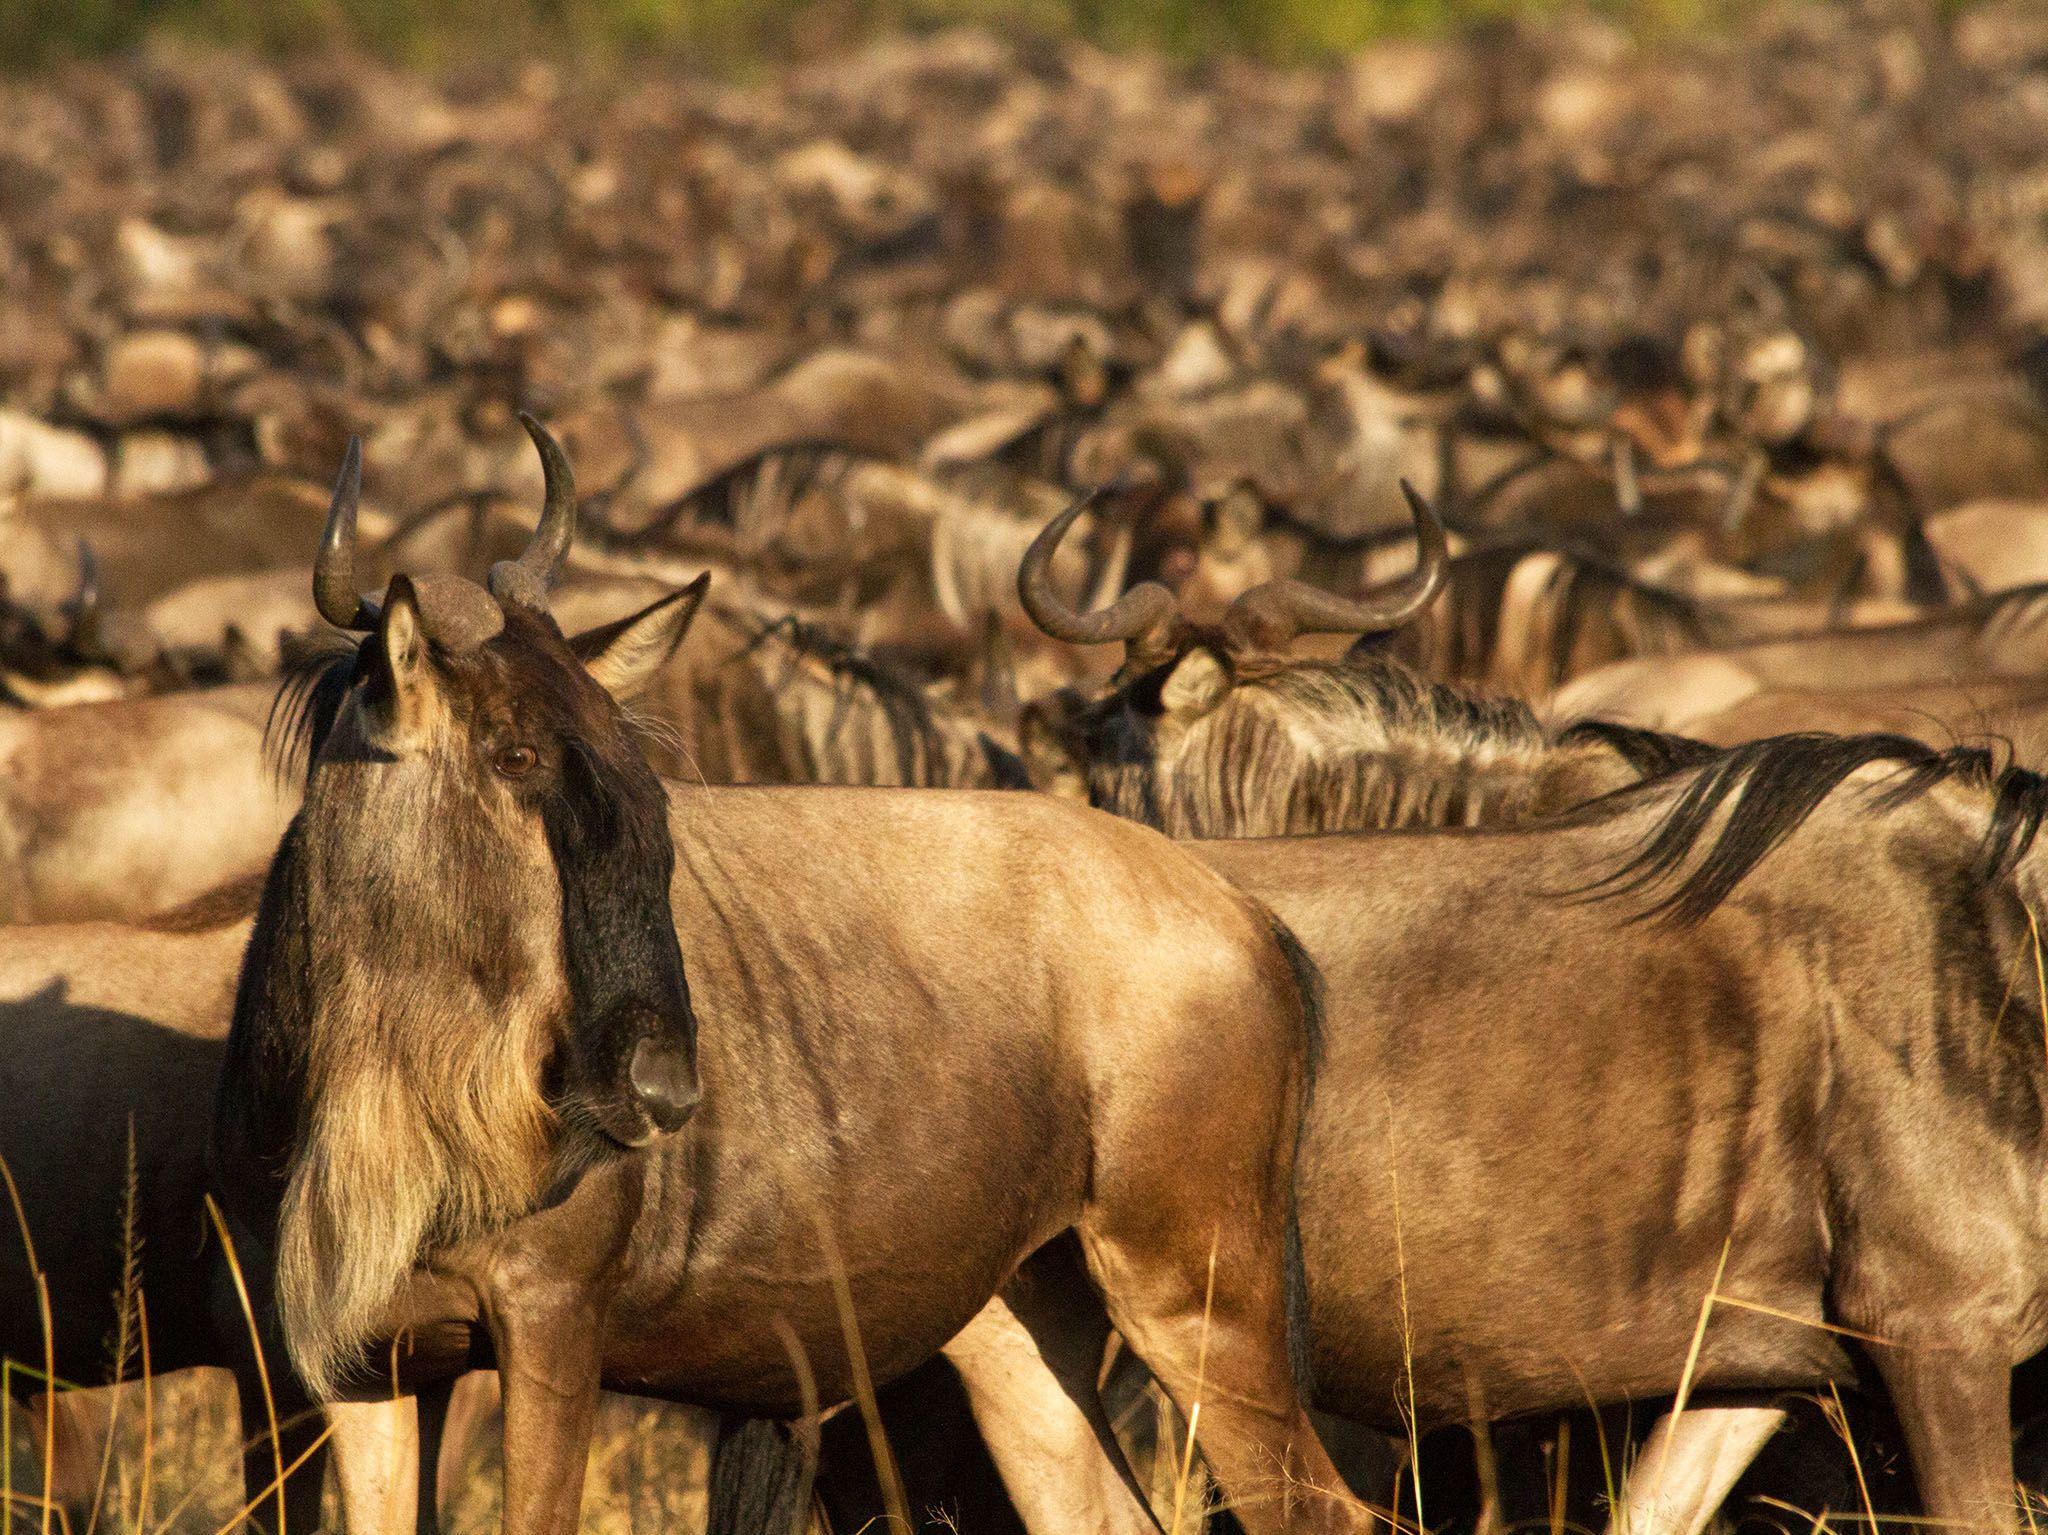 كينيا: قطيع ضخم من حيوان النو ينتظر ويتجمع قبل عبور... [Photo of the day - يناير 2017]